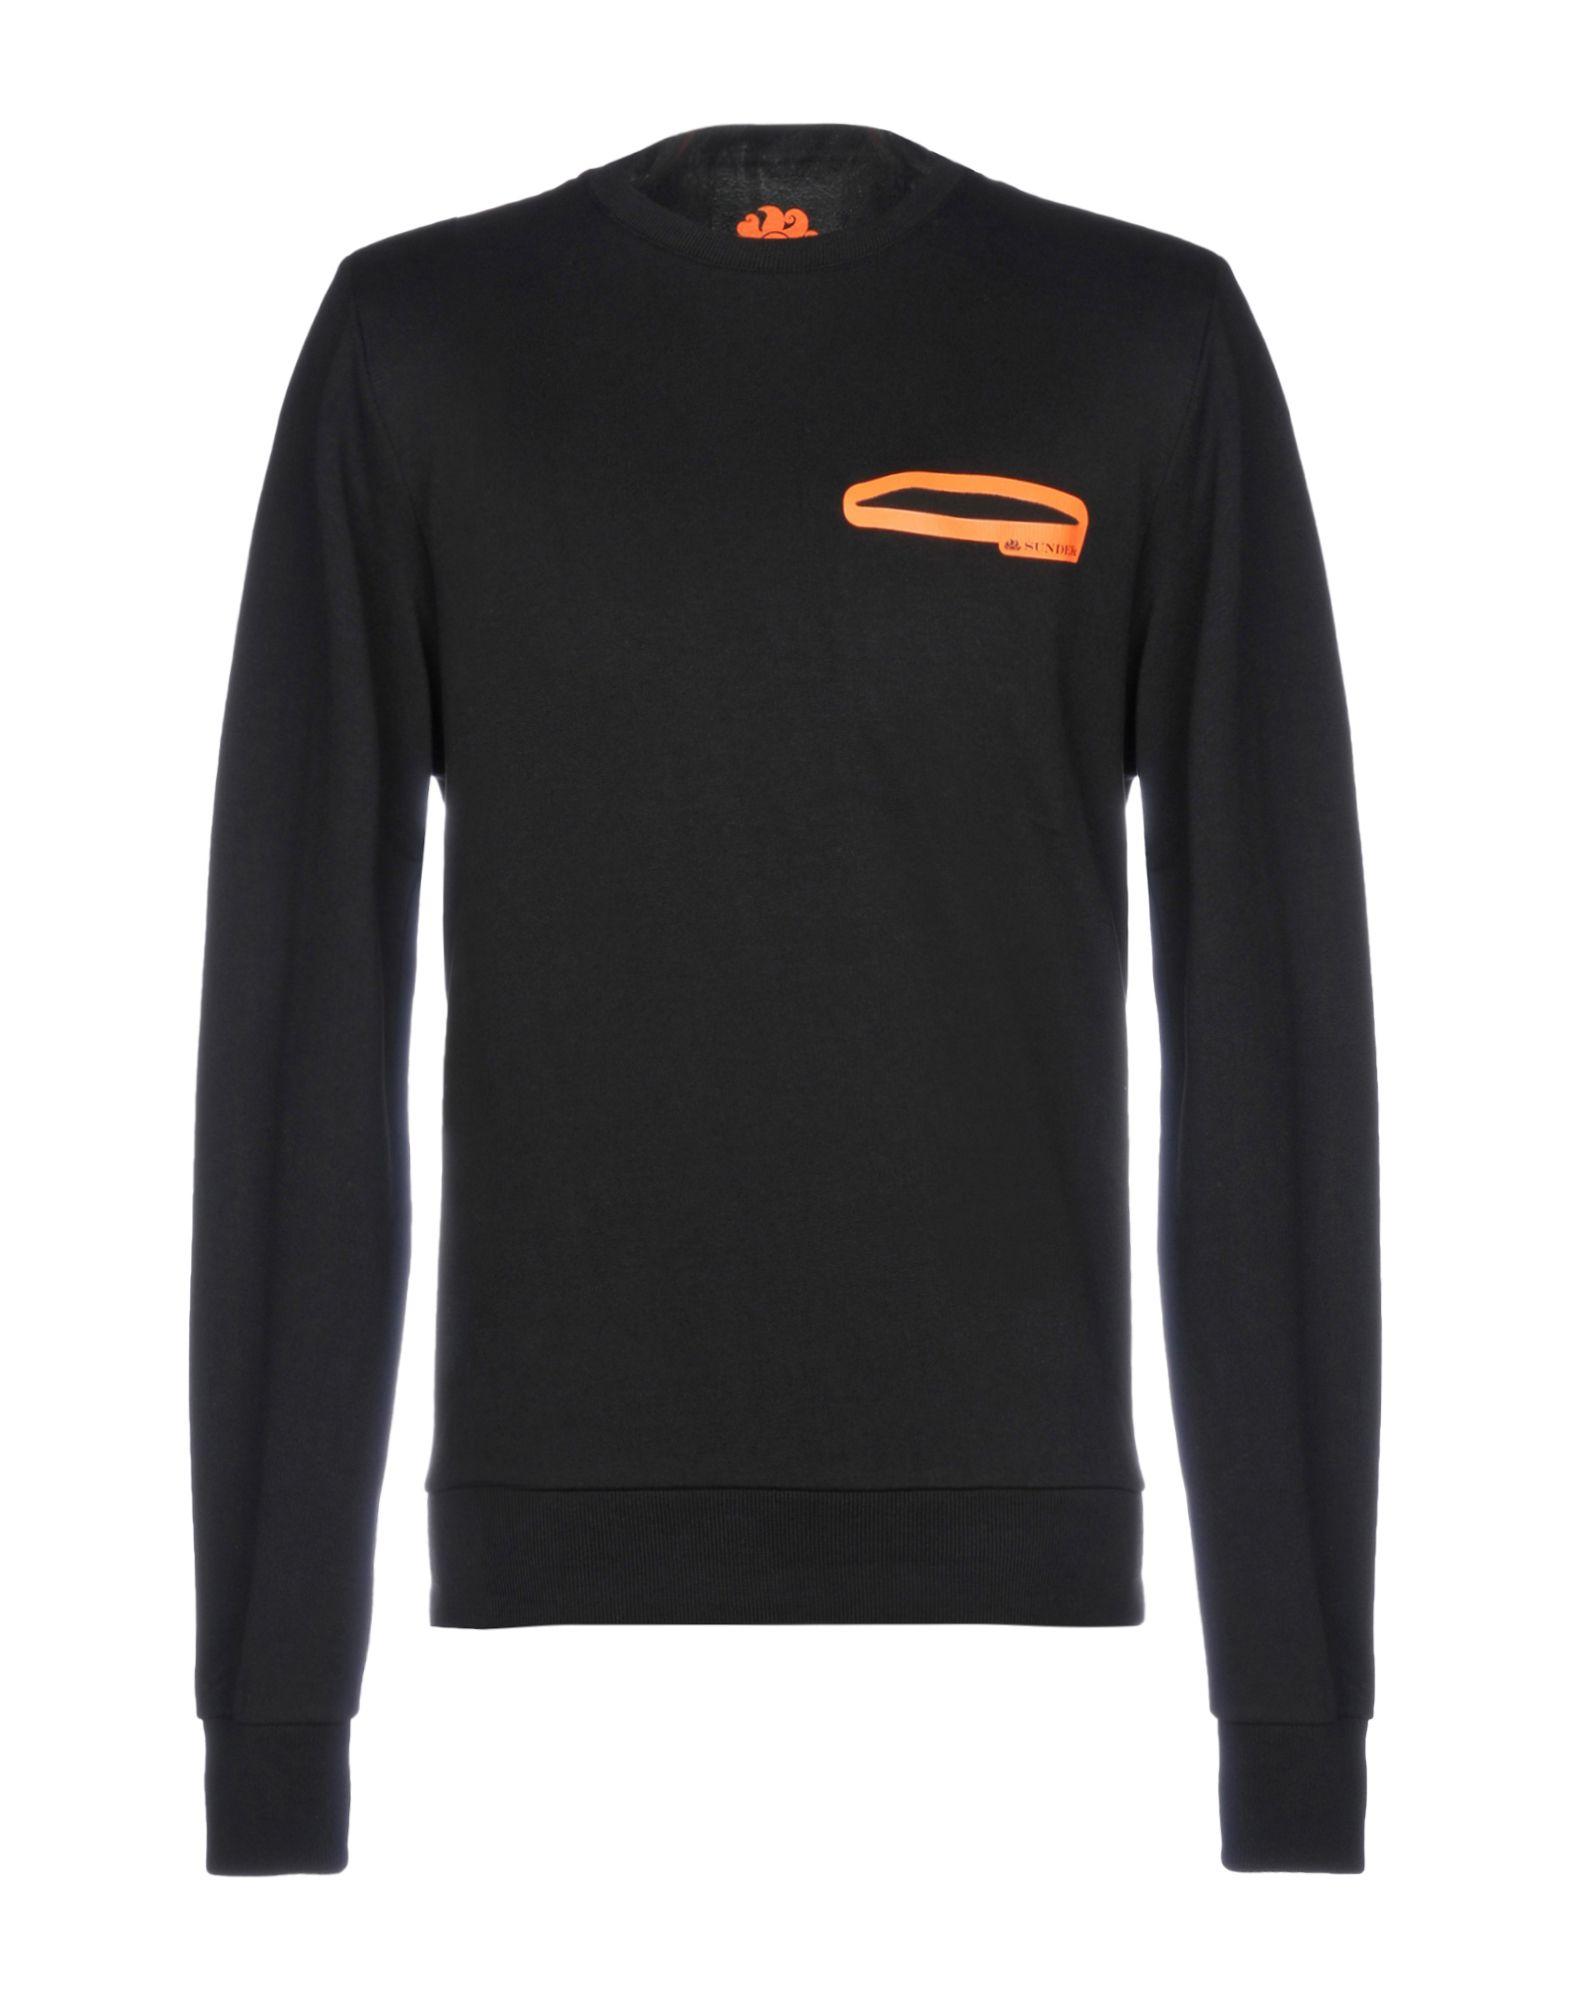 SUNDEK Sweatshirt in Black